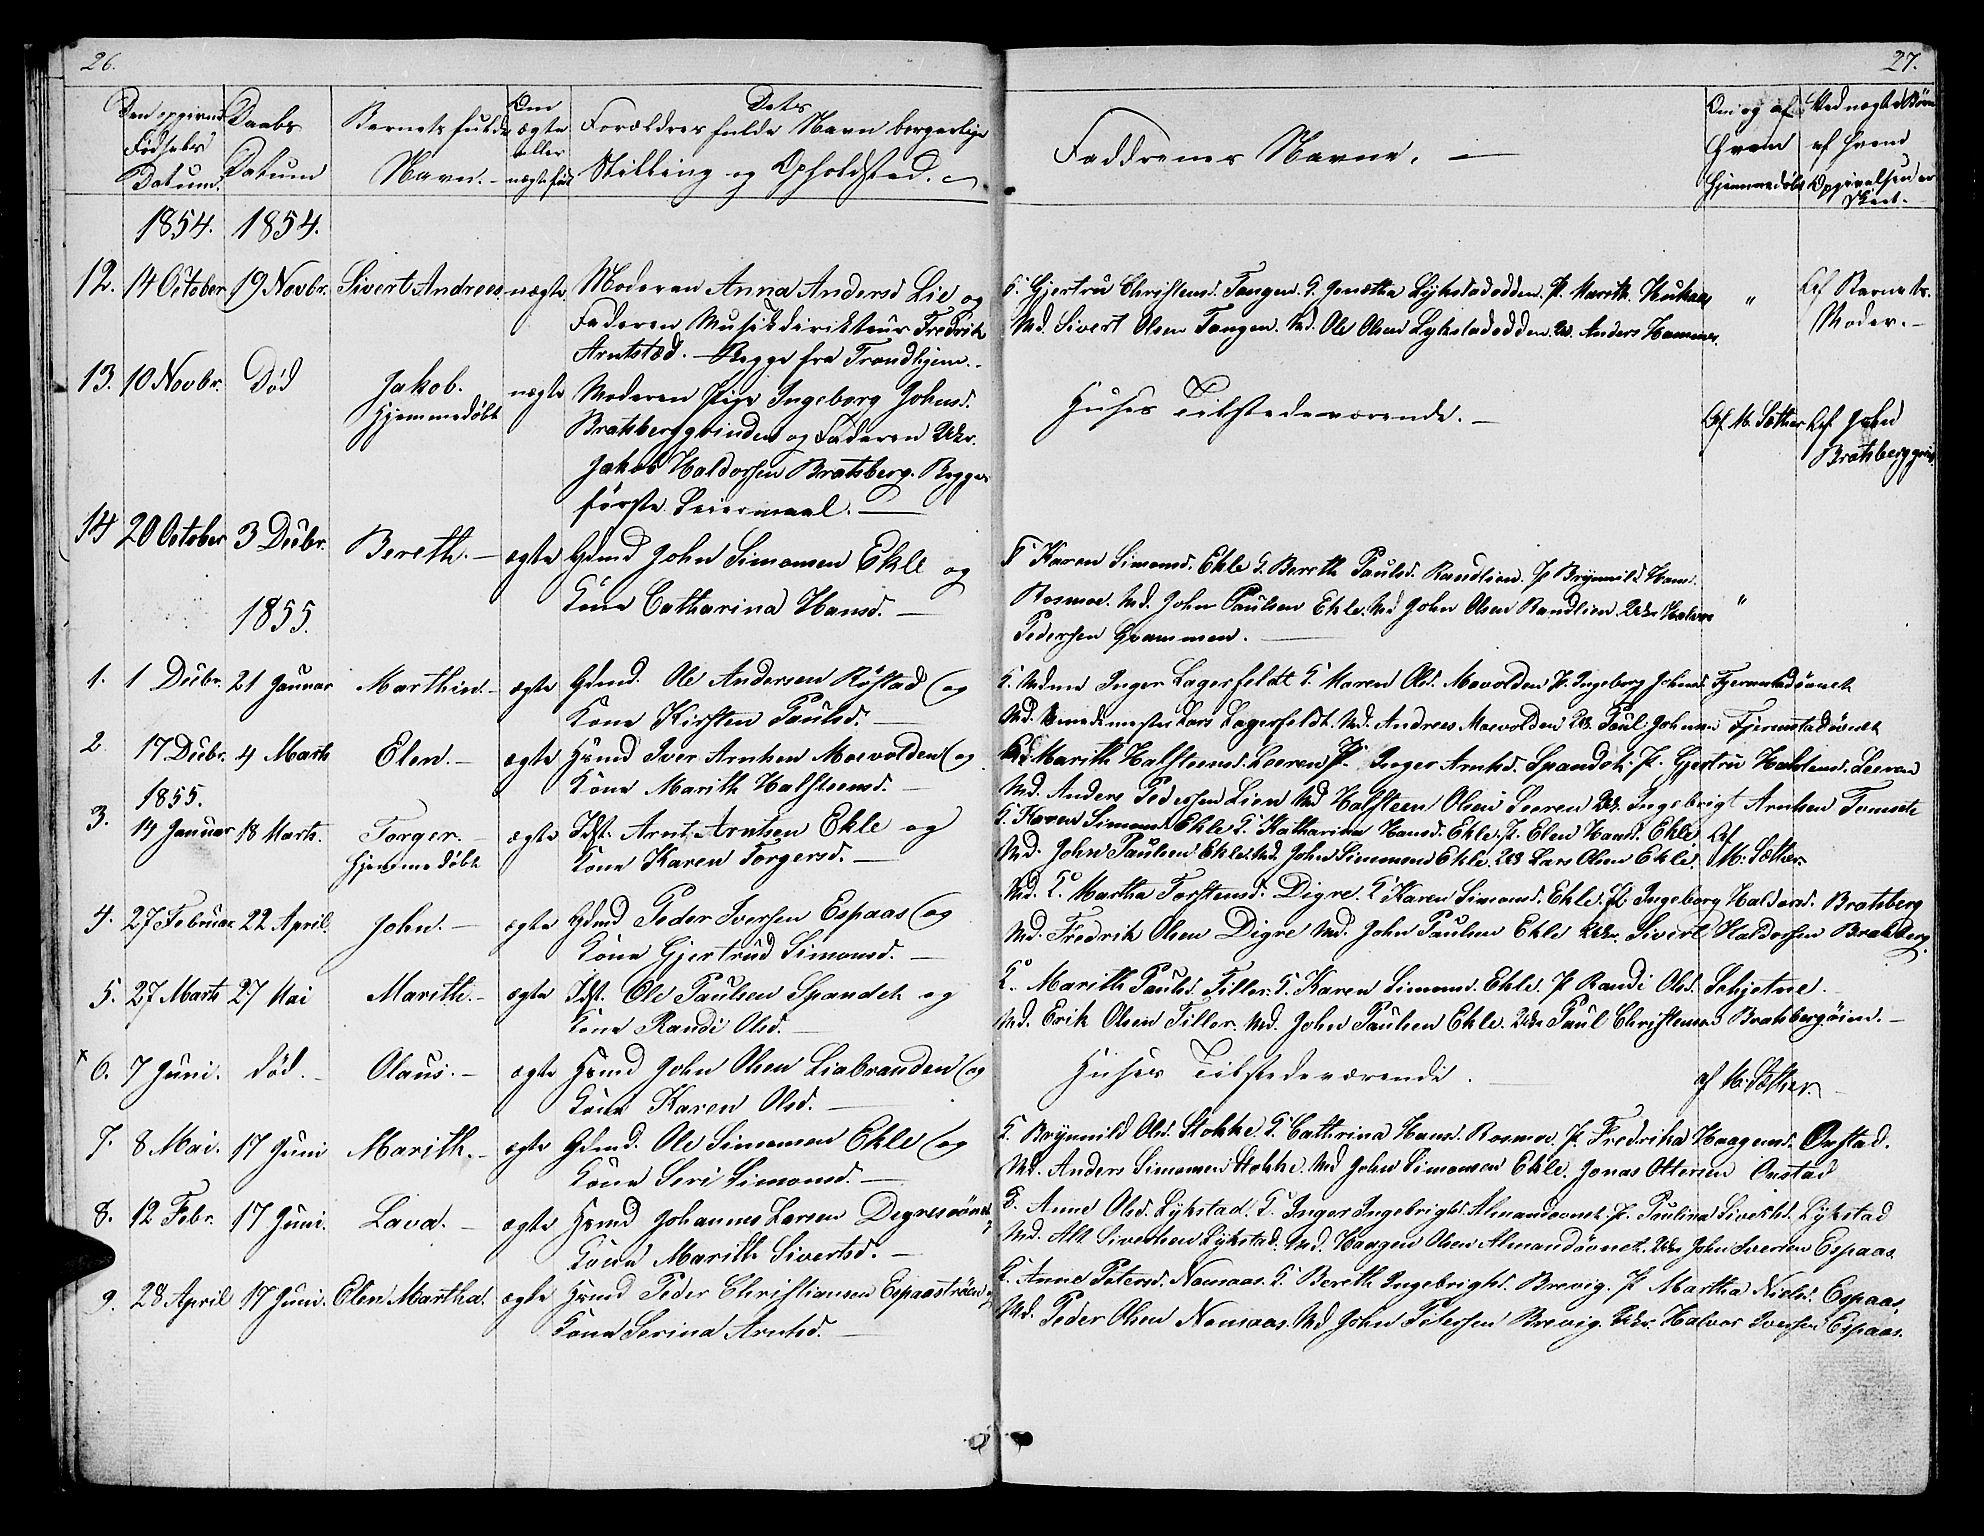 SAT, Ministerialprotokoller, klokkerbøker og fødselsregistre - Sør-Trøndelag, 608/L0339: Klokkerbok nr. 608C05, 1844-1863, s. 26-27